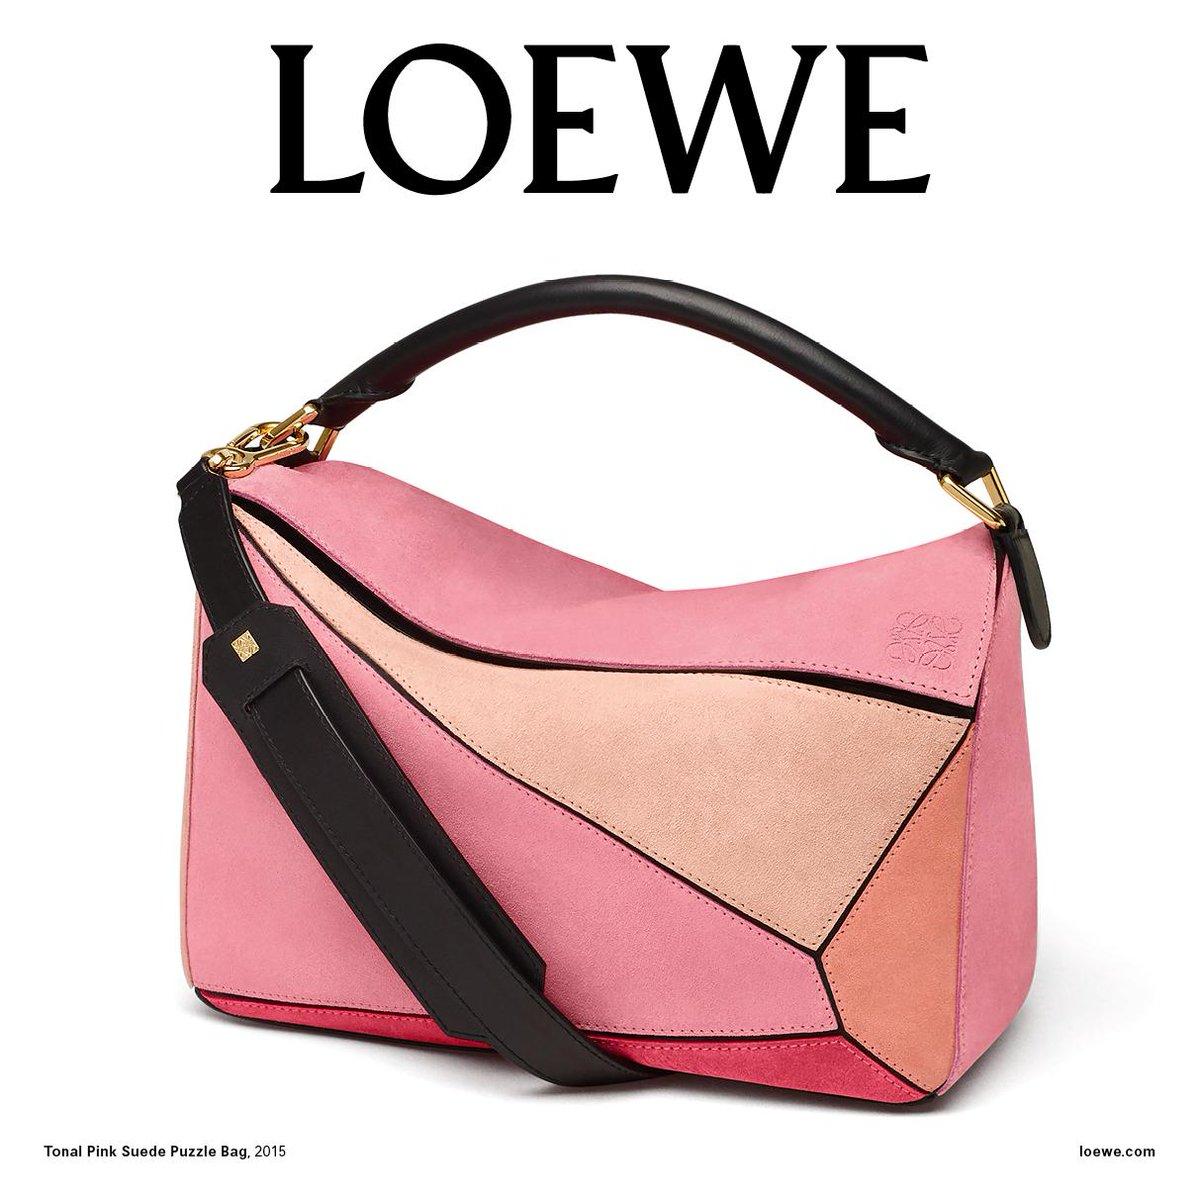 Fashion-экспансия: 6 базовых сумок, покоривших модниц всего мира-Фото 2